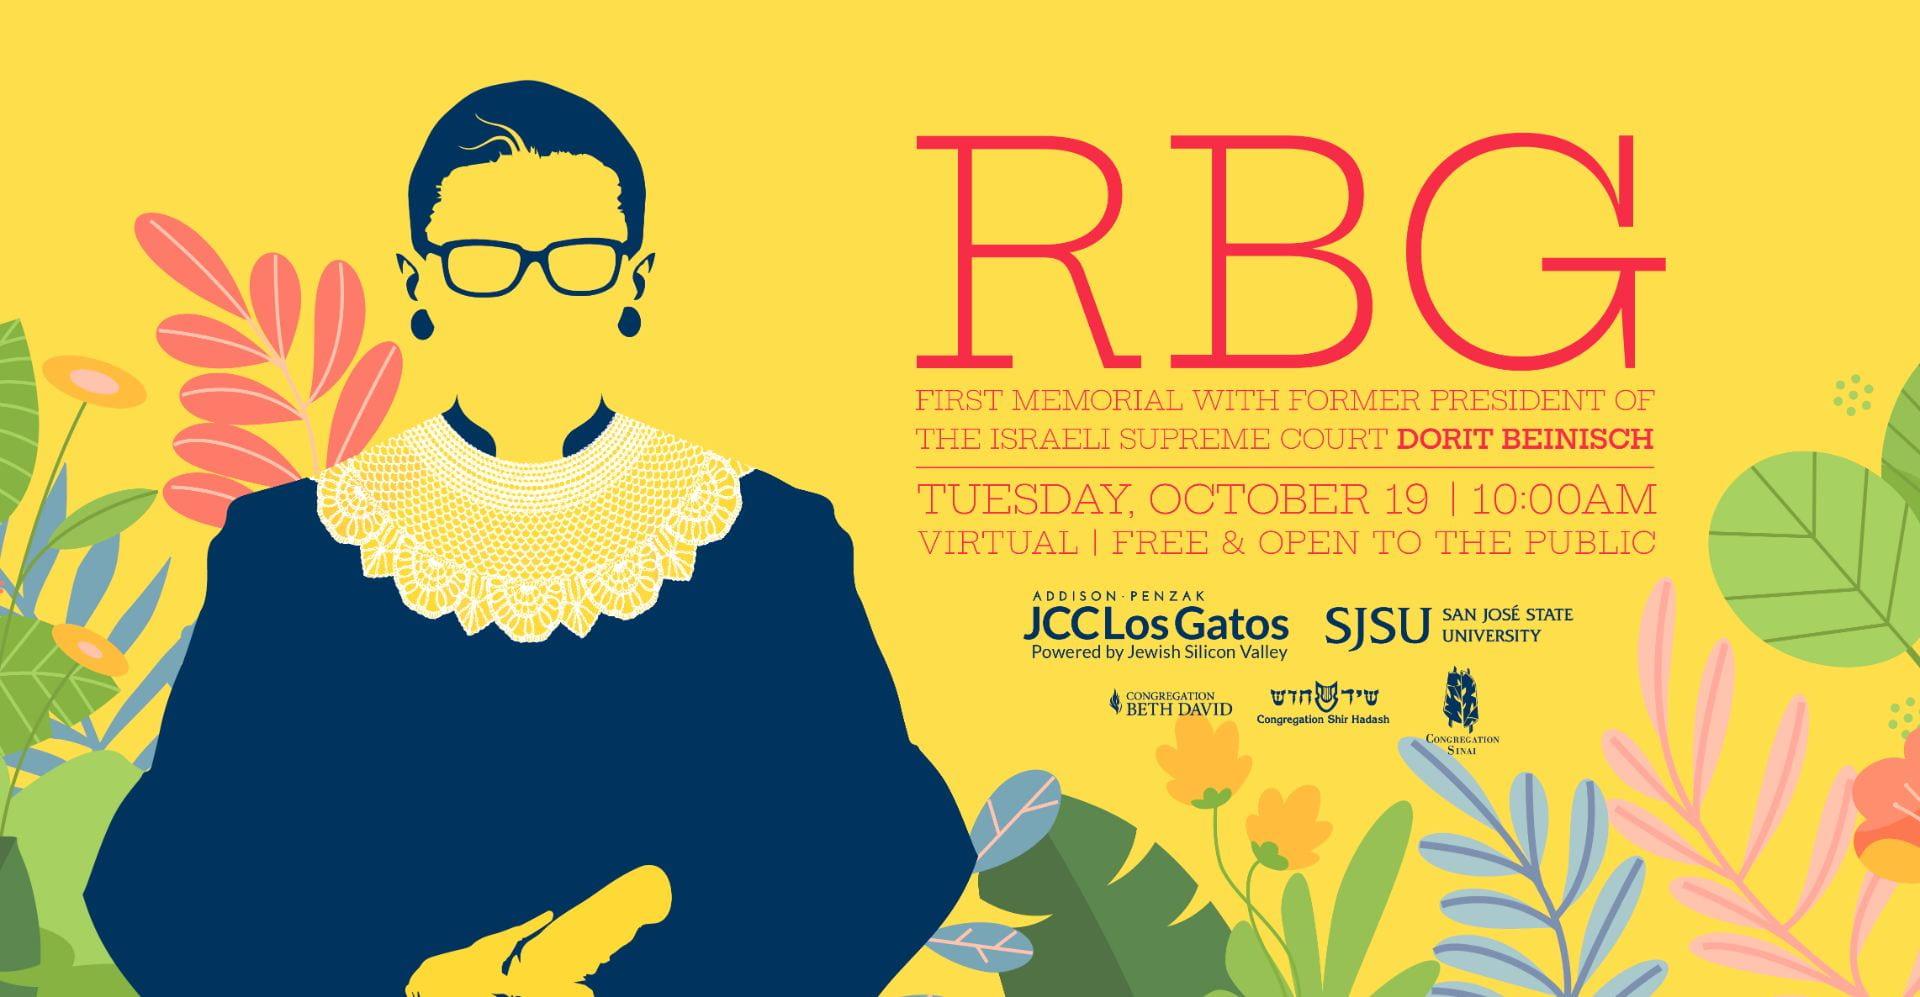 RBG Memorial event